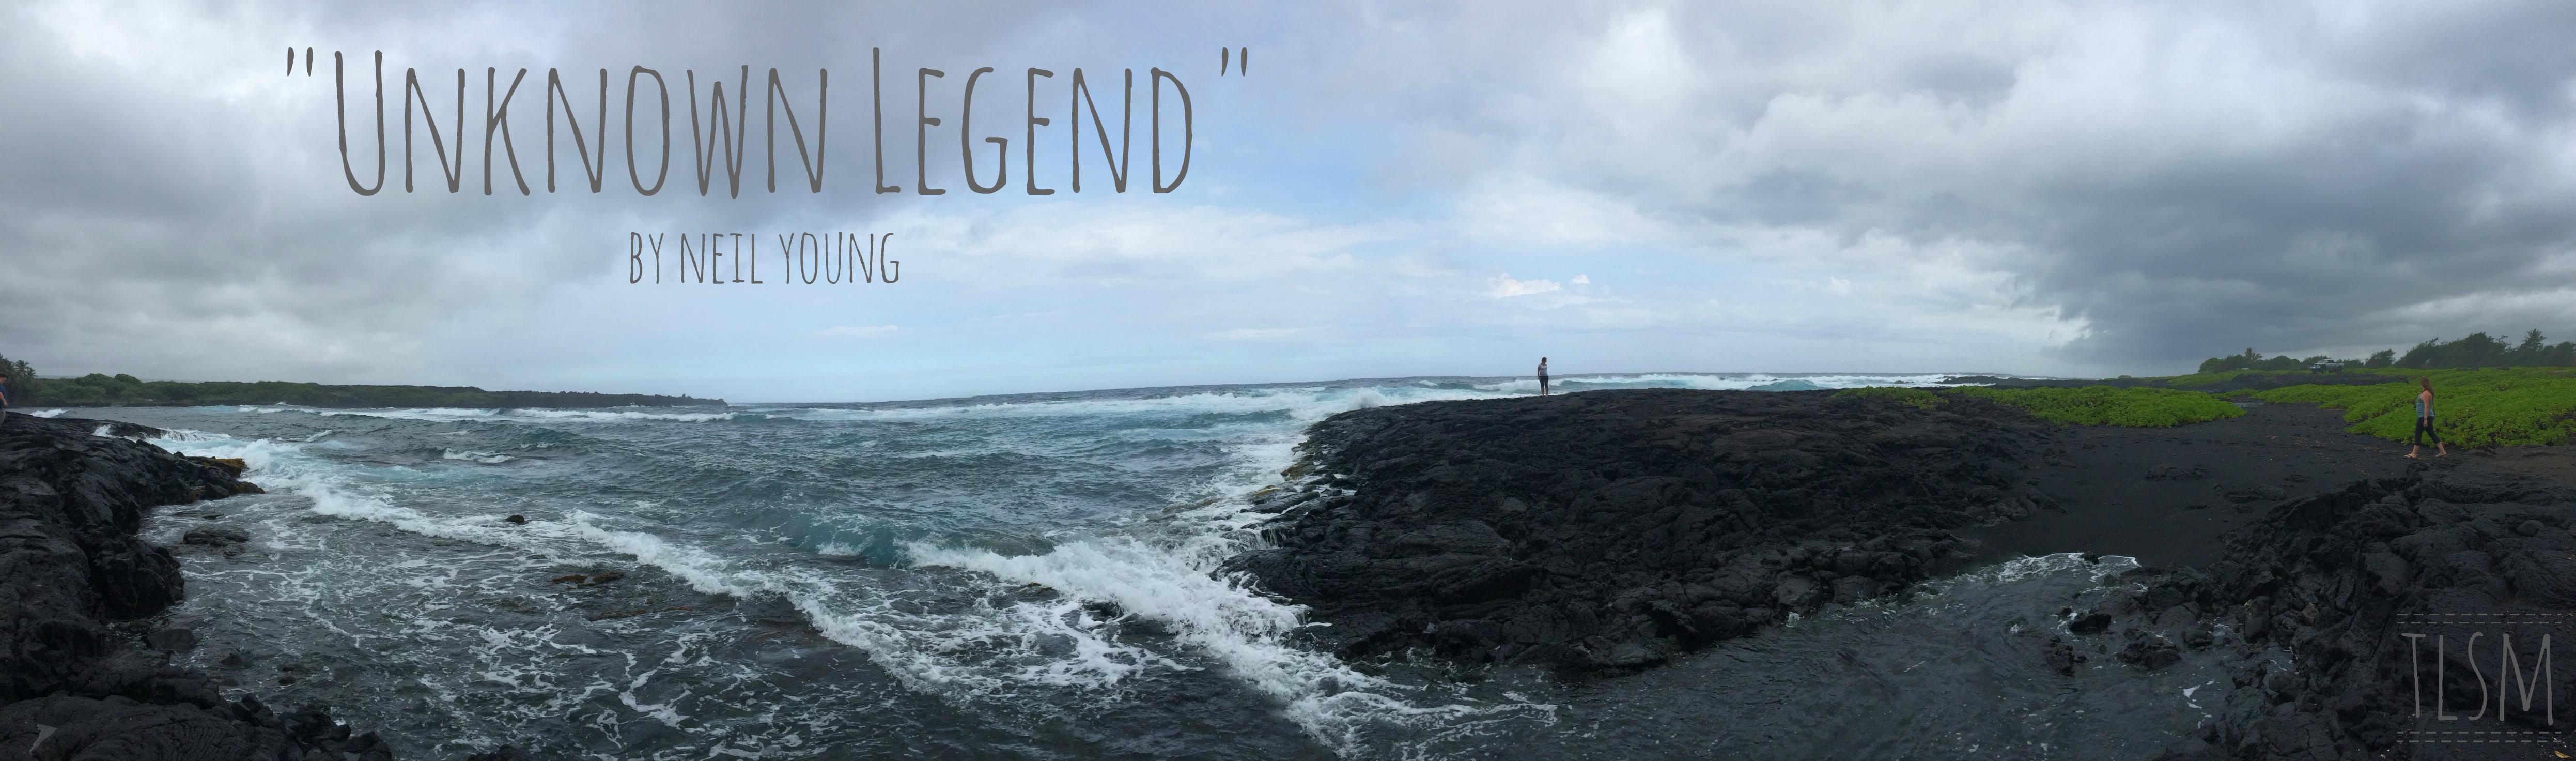 unknown legend-1